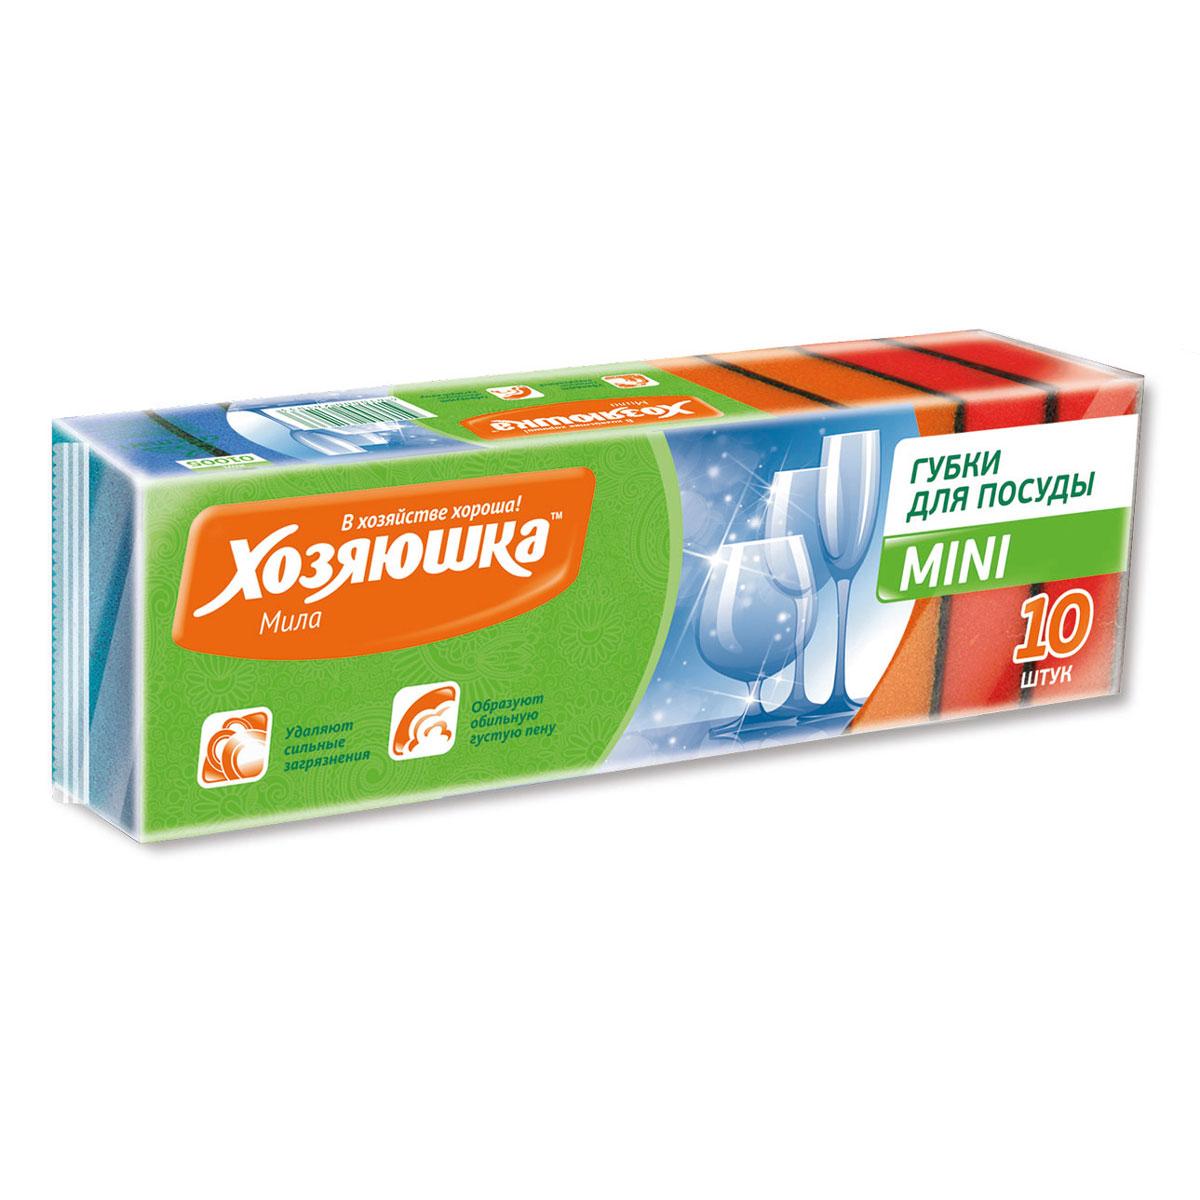 Набор губок для мытья посуды Хозяюшка Мила Mini, 10 штCLP446Набор Хозяюшка Мила Midi состоит из трех губок для мытья посуды, изготовленных из абразивного полимера и поролона. Они подходят для тефлоновых поверхностей, долговечны. Губки Хозяюшка Мила Midi обладают высокой прочностью и химической стойкостью. Размер губки: 7,5 х 4 х 2,5 см.